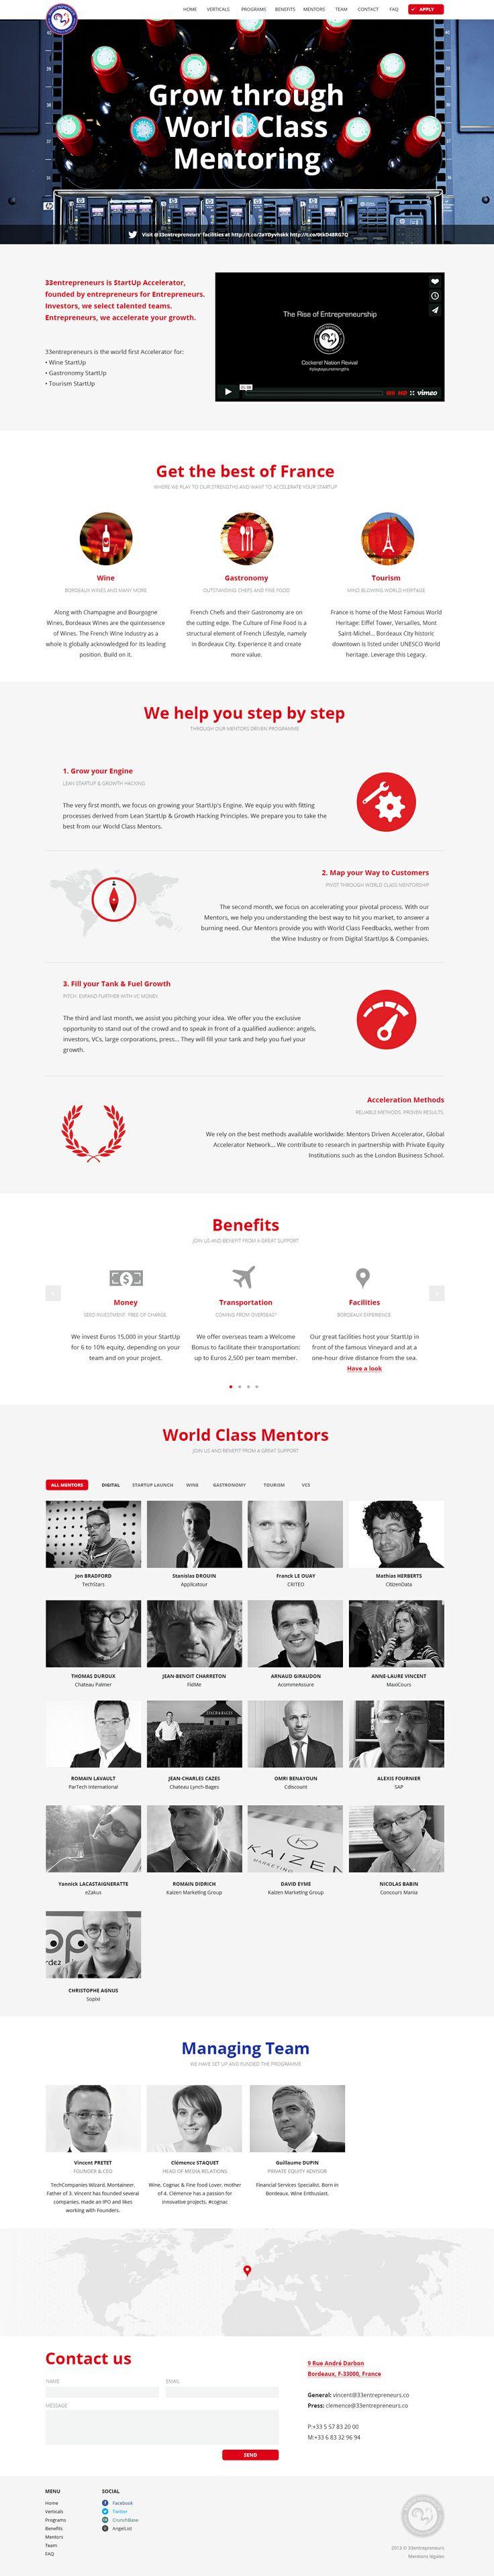 33entrepreneurs | StartUp Accelerator